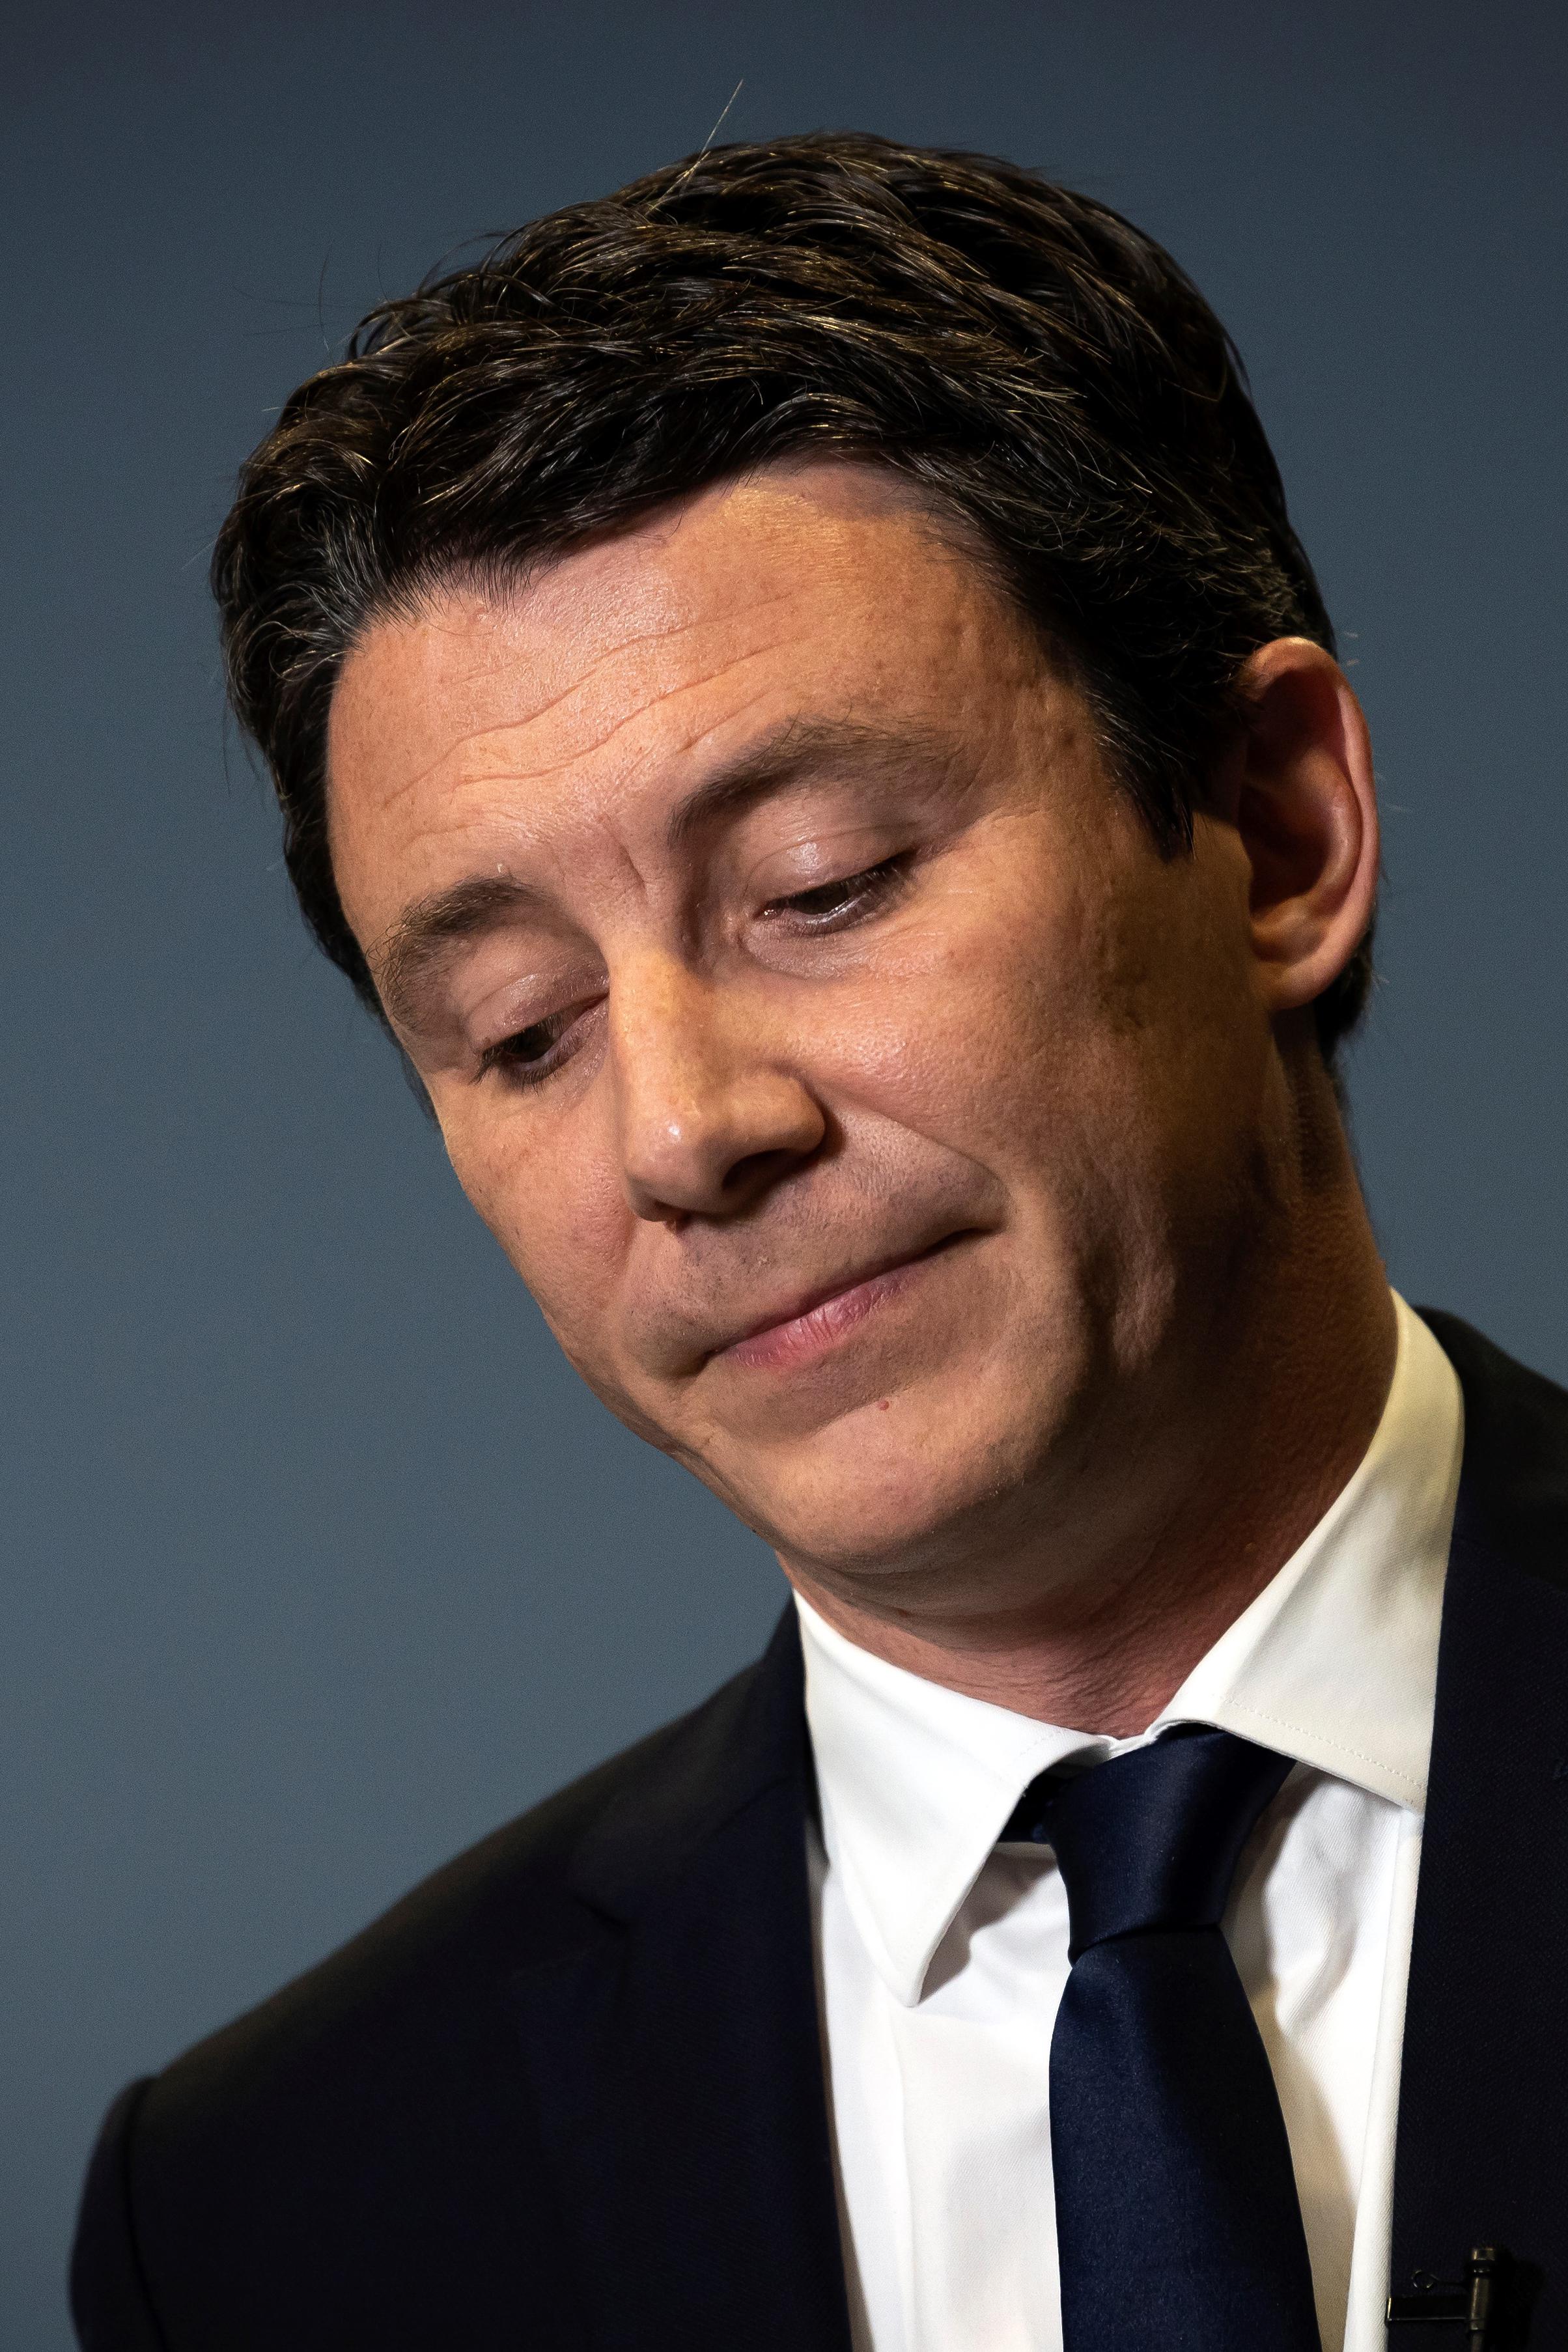 benjamin Griveaux, après l'annonce du retrait de sa candidature à la mairie de Paris, 14 février 2020. © BONAVENTURE/ AFP